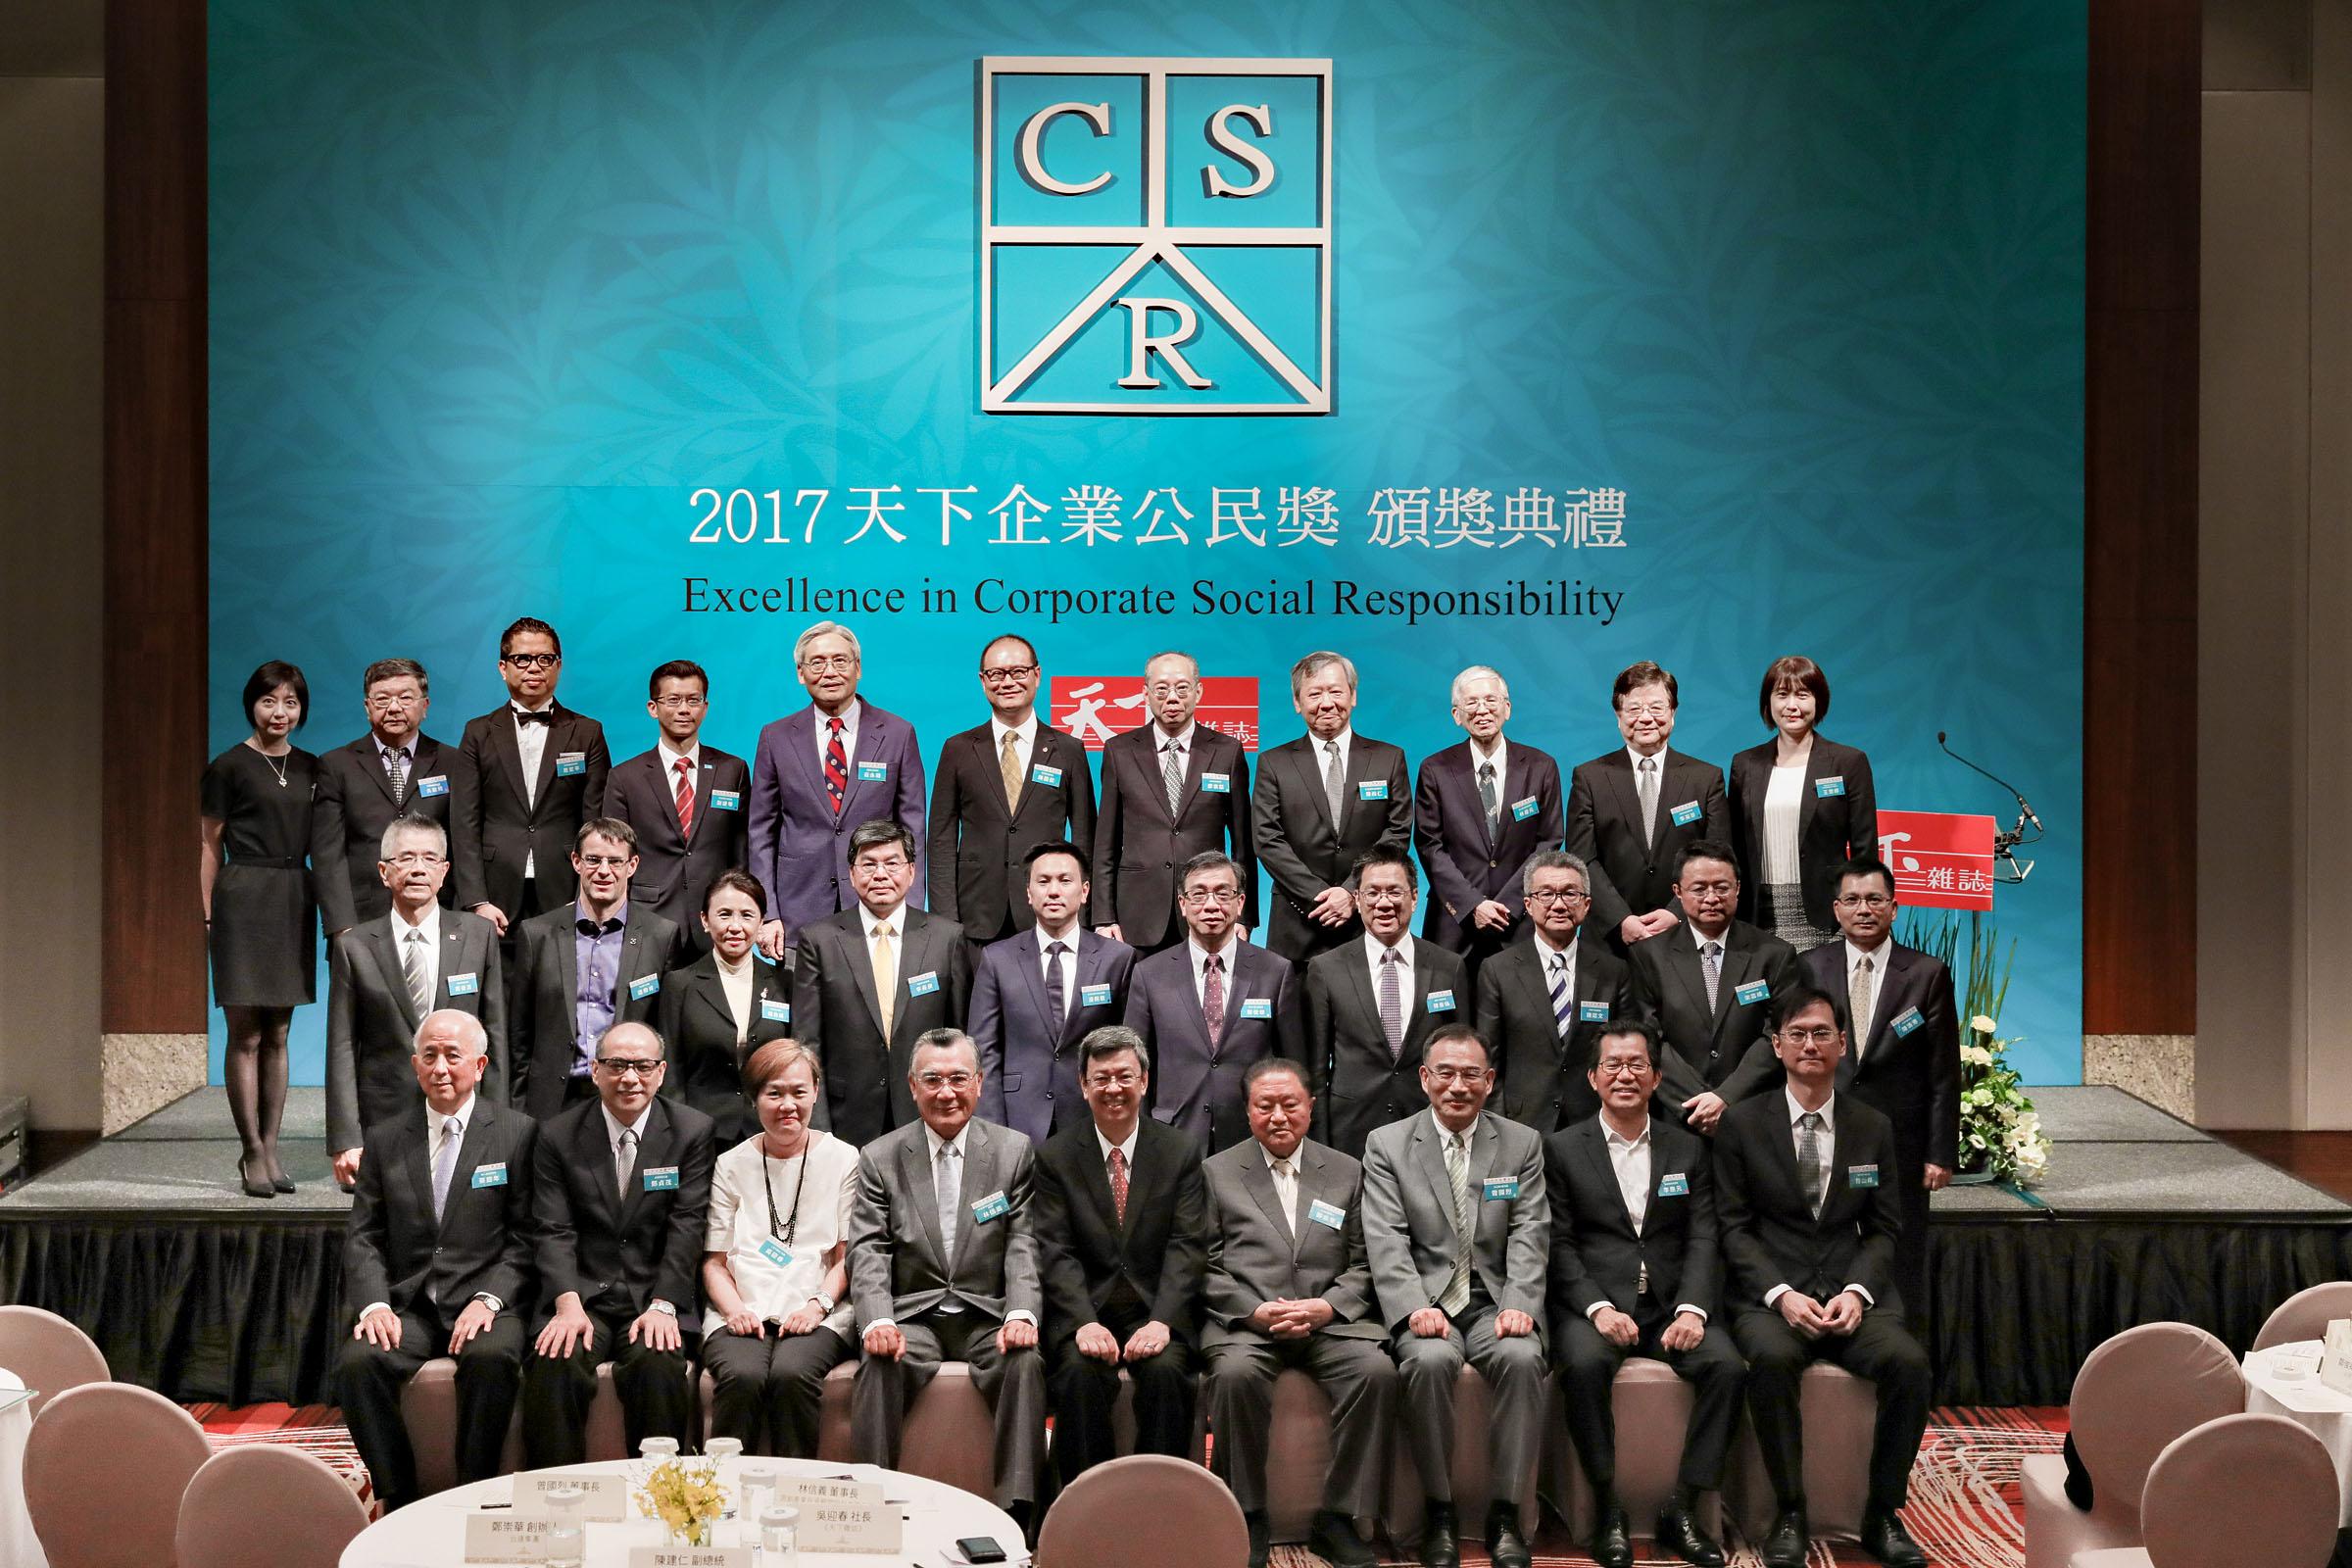 【新事】連續四年,中華汽車榮獲2017天下企業公民獎